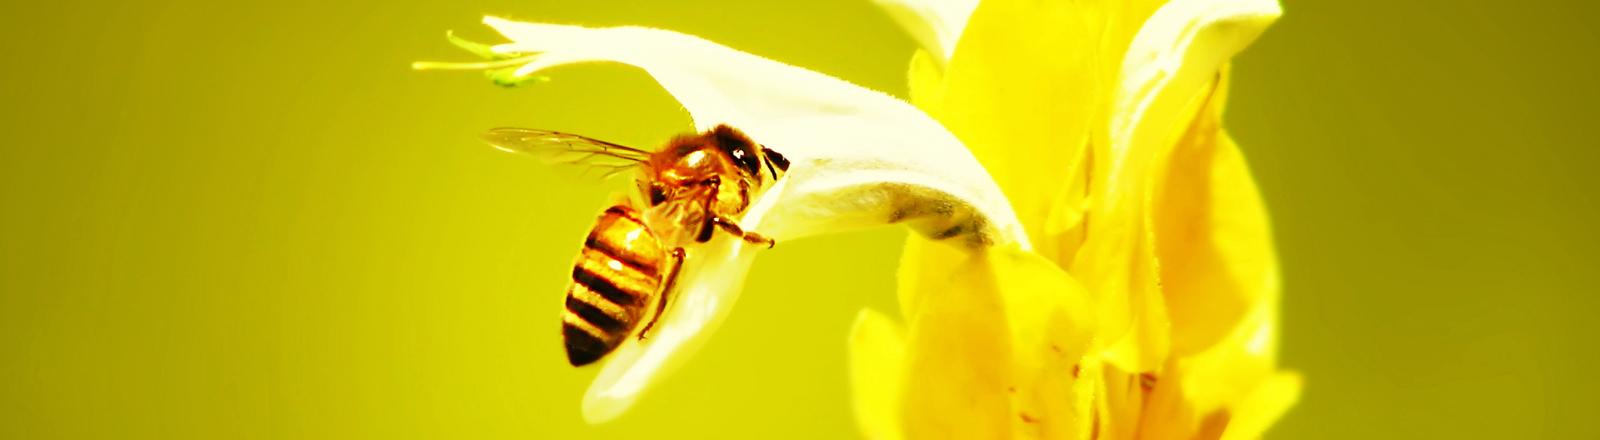 Eine Biene ist halb versteckt in einer Blüte, das Bild ist in Gelbtöne getaucht.